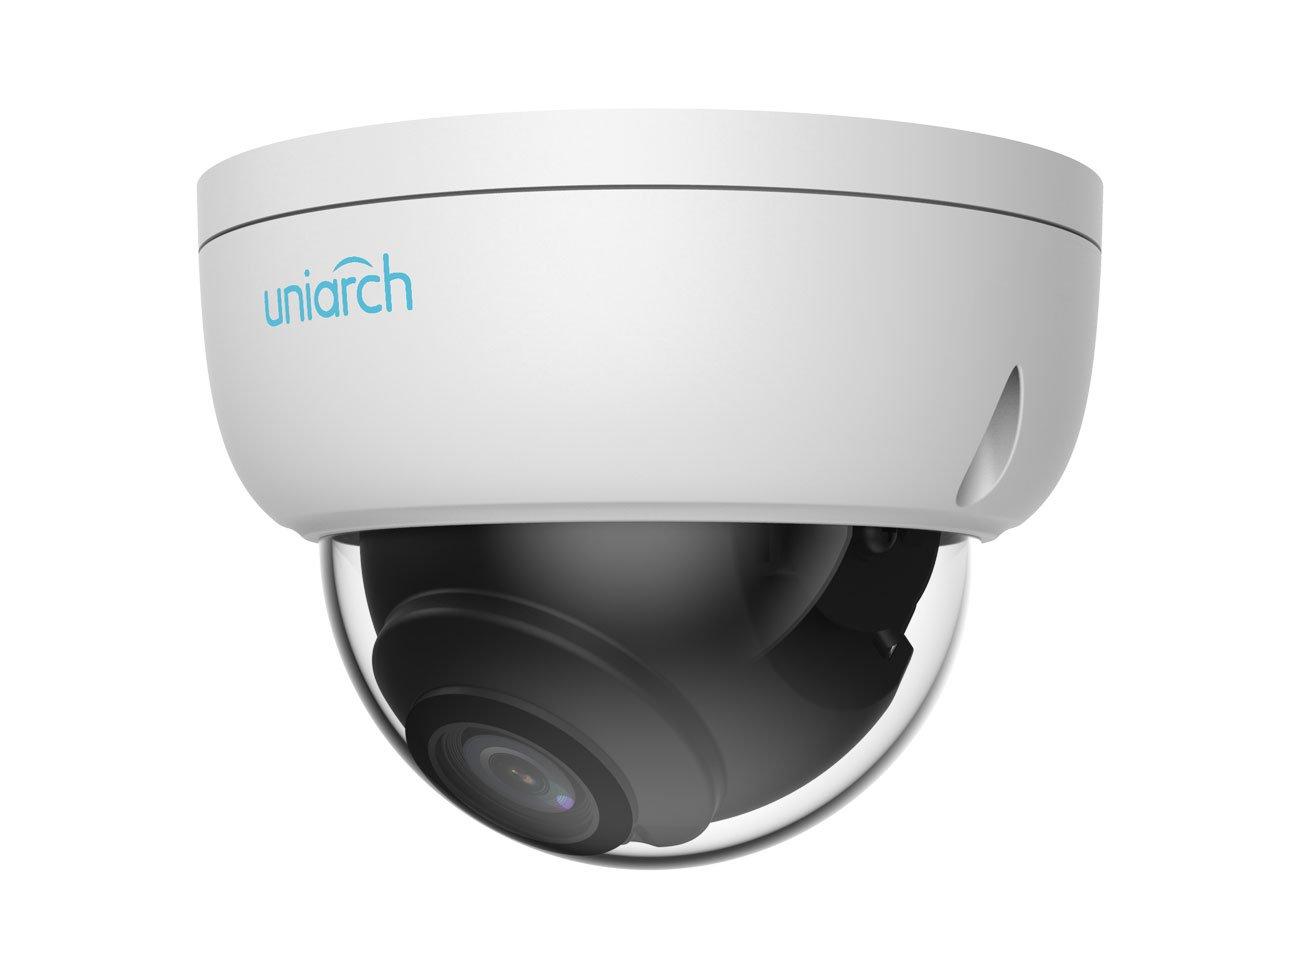 Telecamera-Dome-Uniarch-1